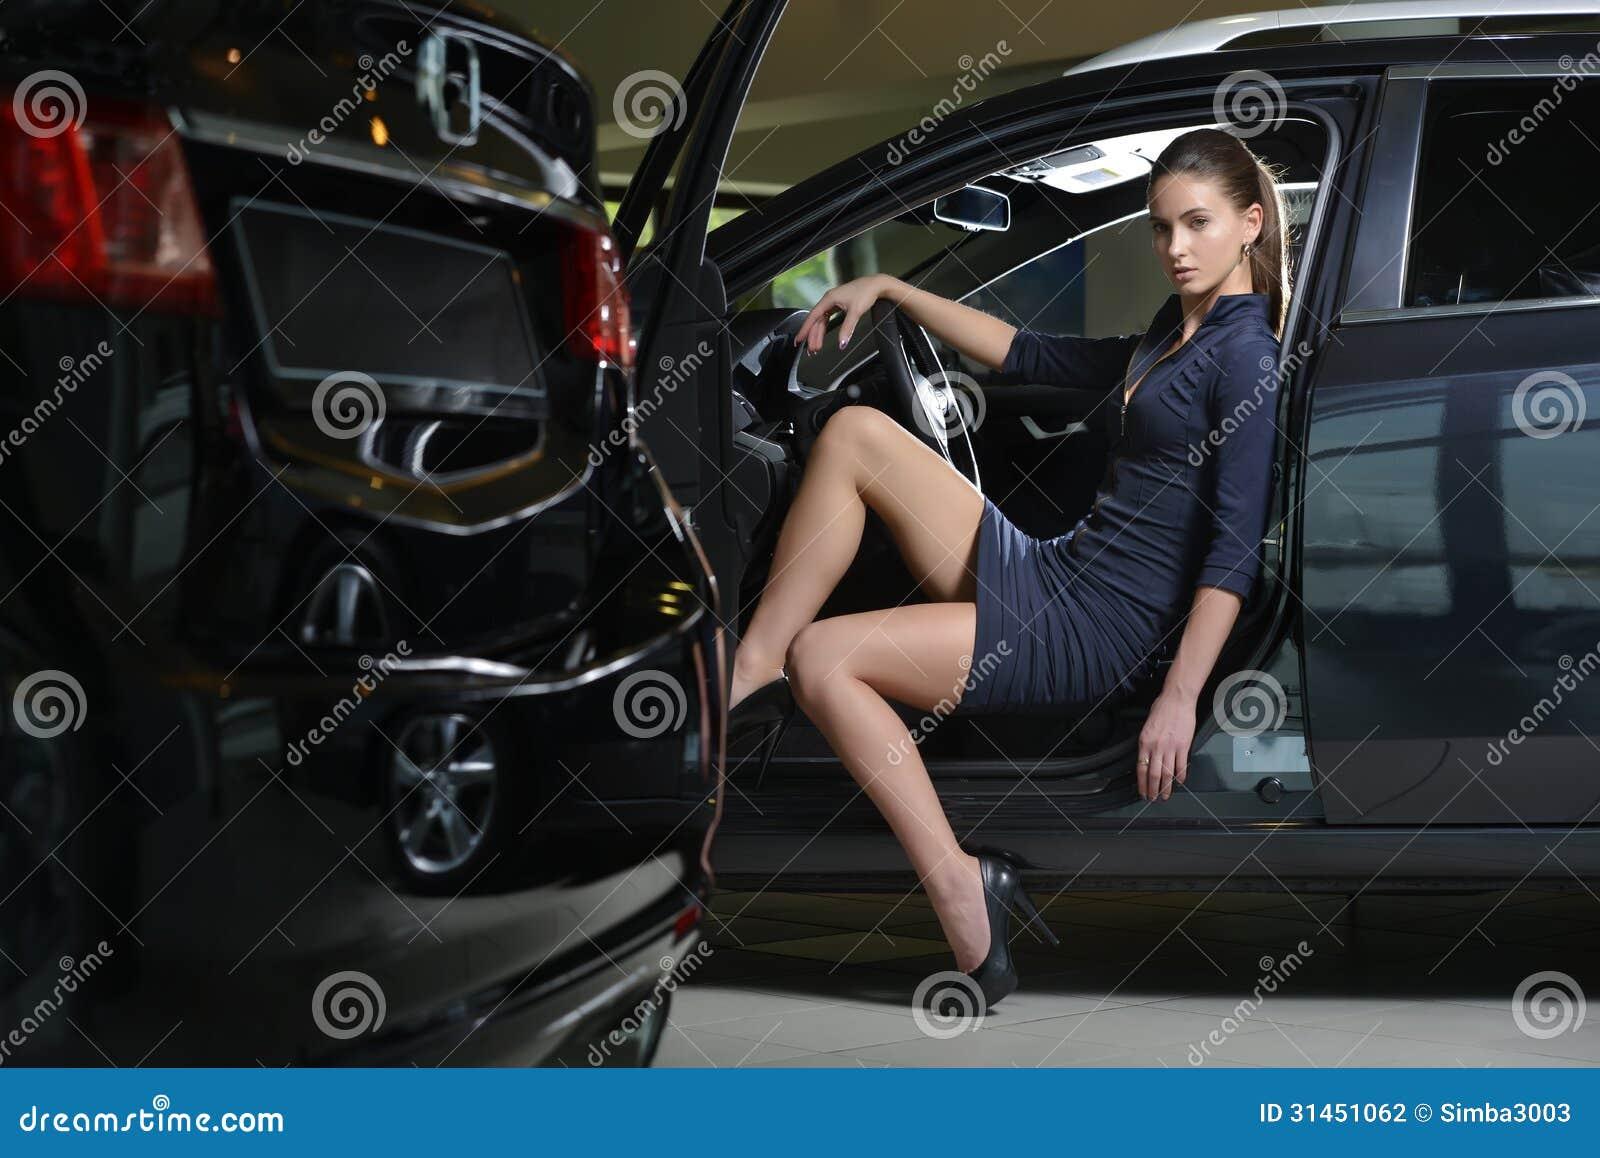 Lave-auto porno